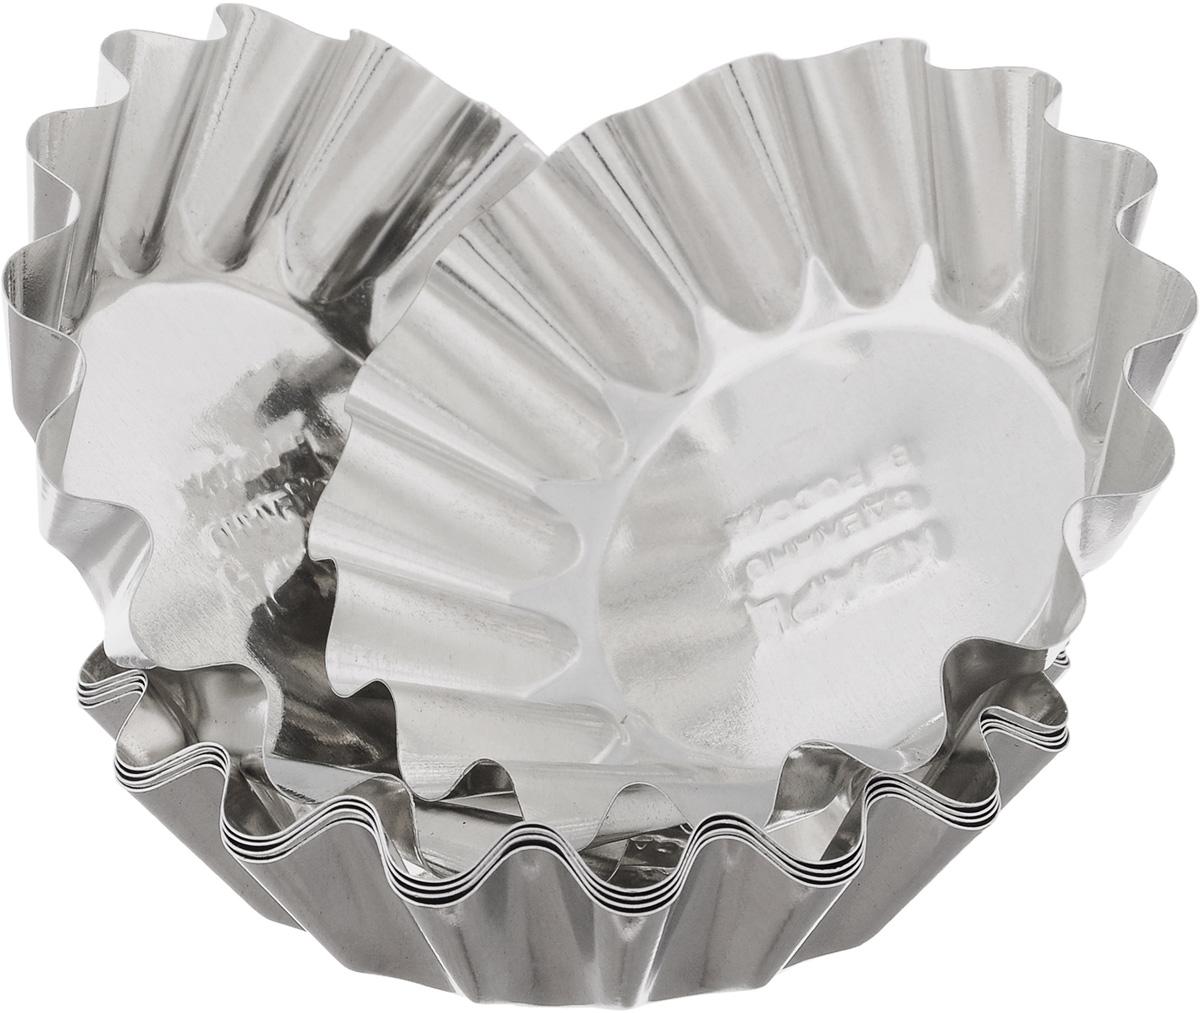 Набор форм для выпечки Кварц, диаметр 8,3 см, 6 штКФ-01.006Набор Кварц состоит из шести форм, выполненных из белой жести. Формы предназначены для выпечки и приготовления желе. Стенки изделий рельефные.С набором форм Кварц вы всегда сможете порадовать своих близких оригинальной выпечкой.Диаметр форм (по верхнему краю): 8,3 см.Высота форм: 2,1 см.